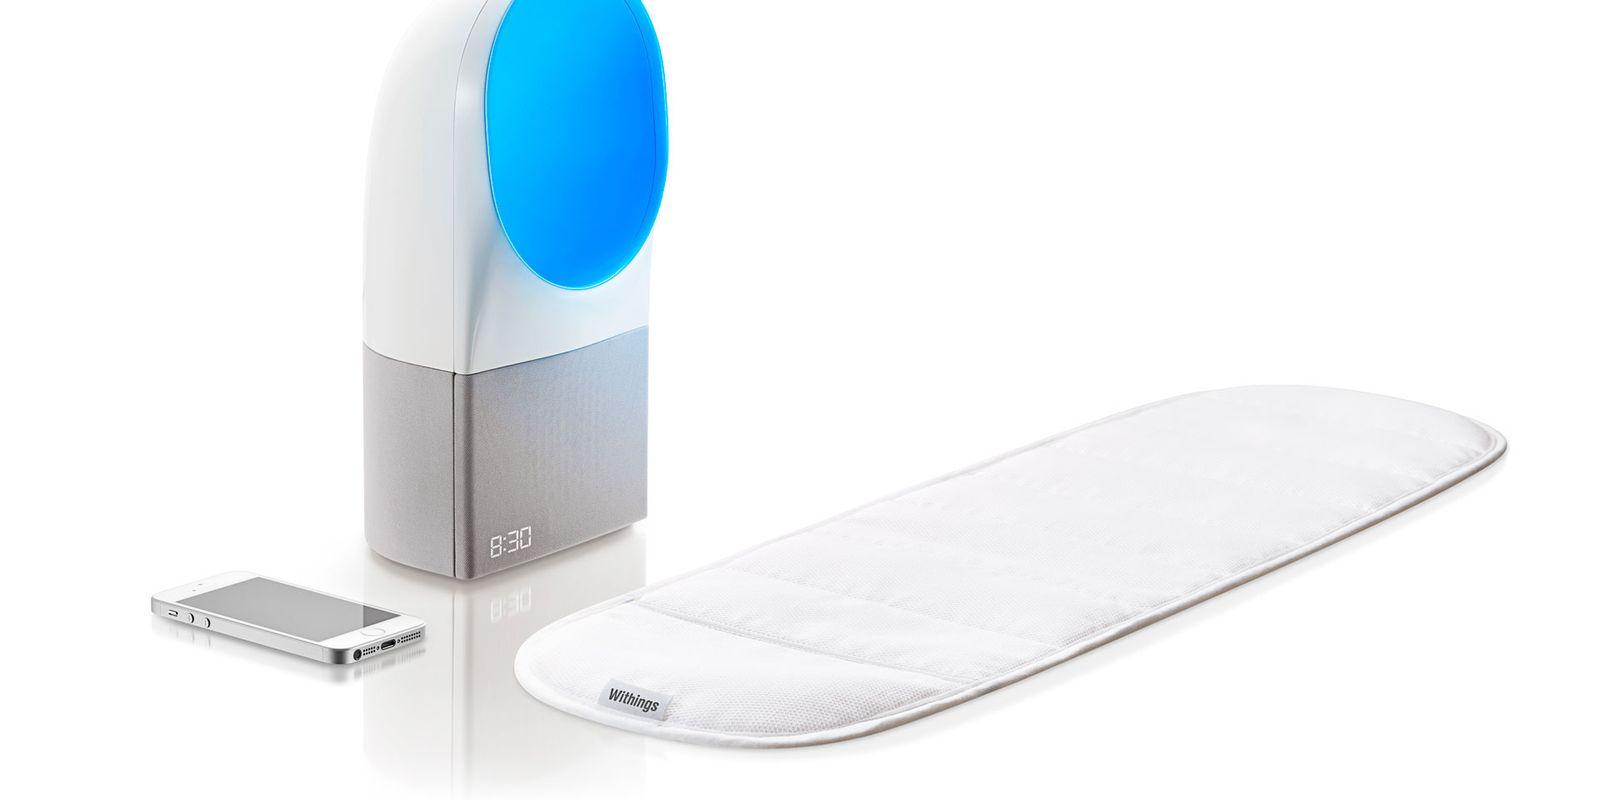 Ergonomic Home Furniture ergonomic home furniture - ergonomic design ideas